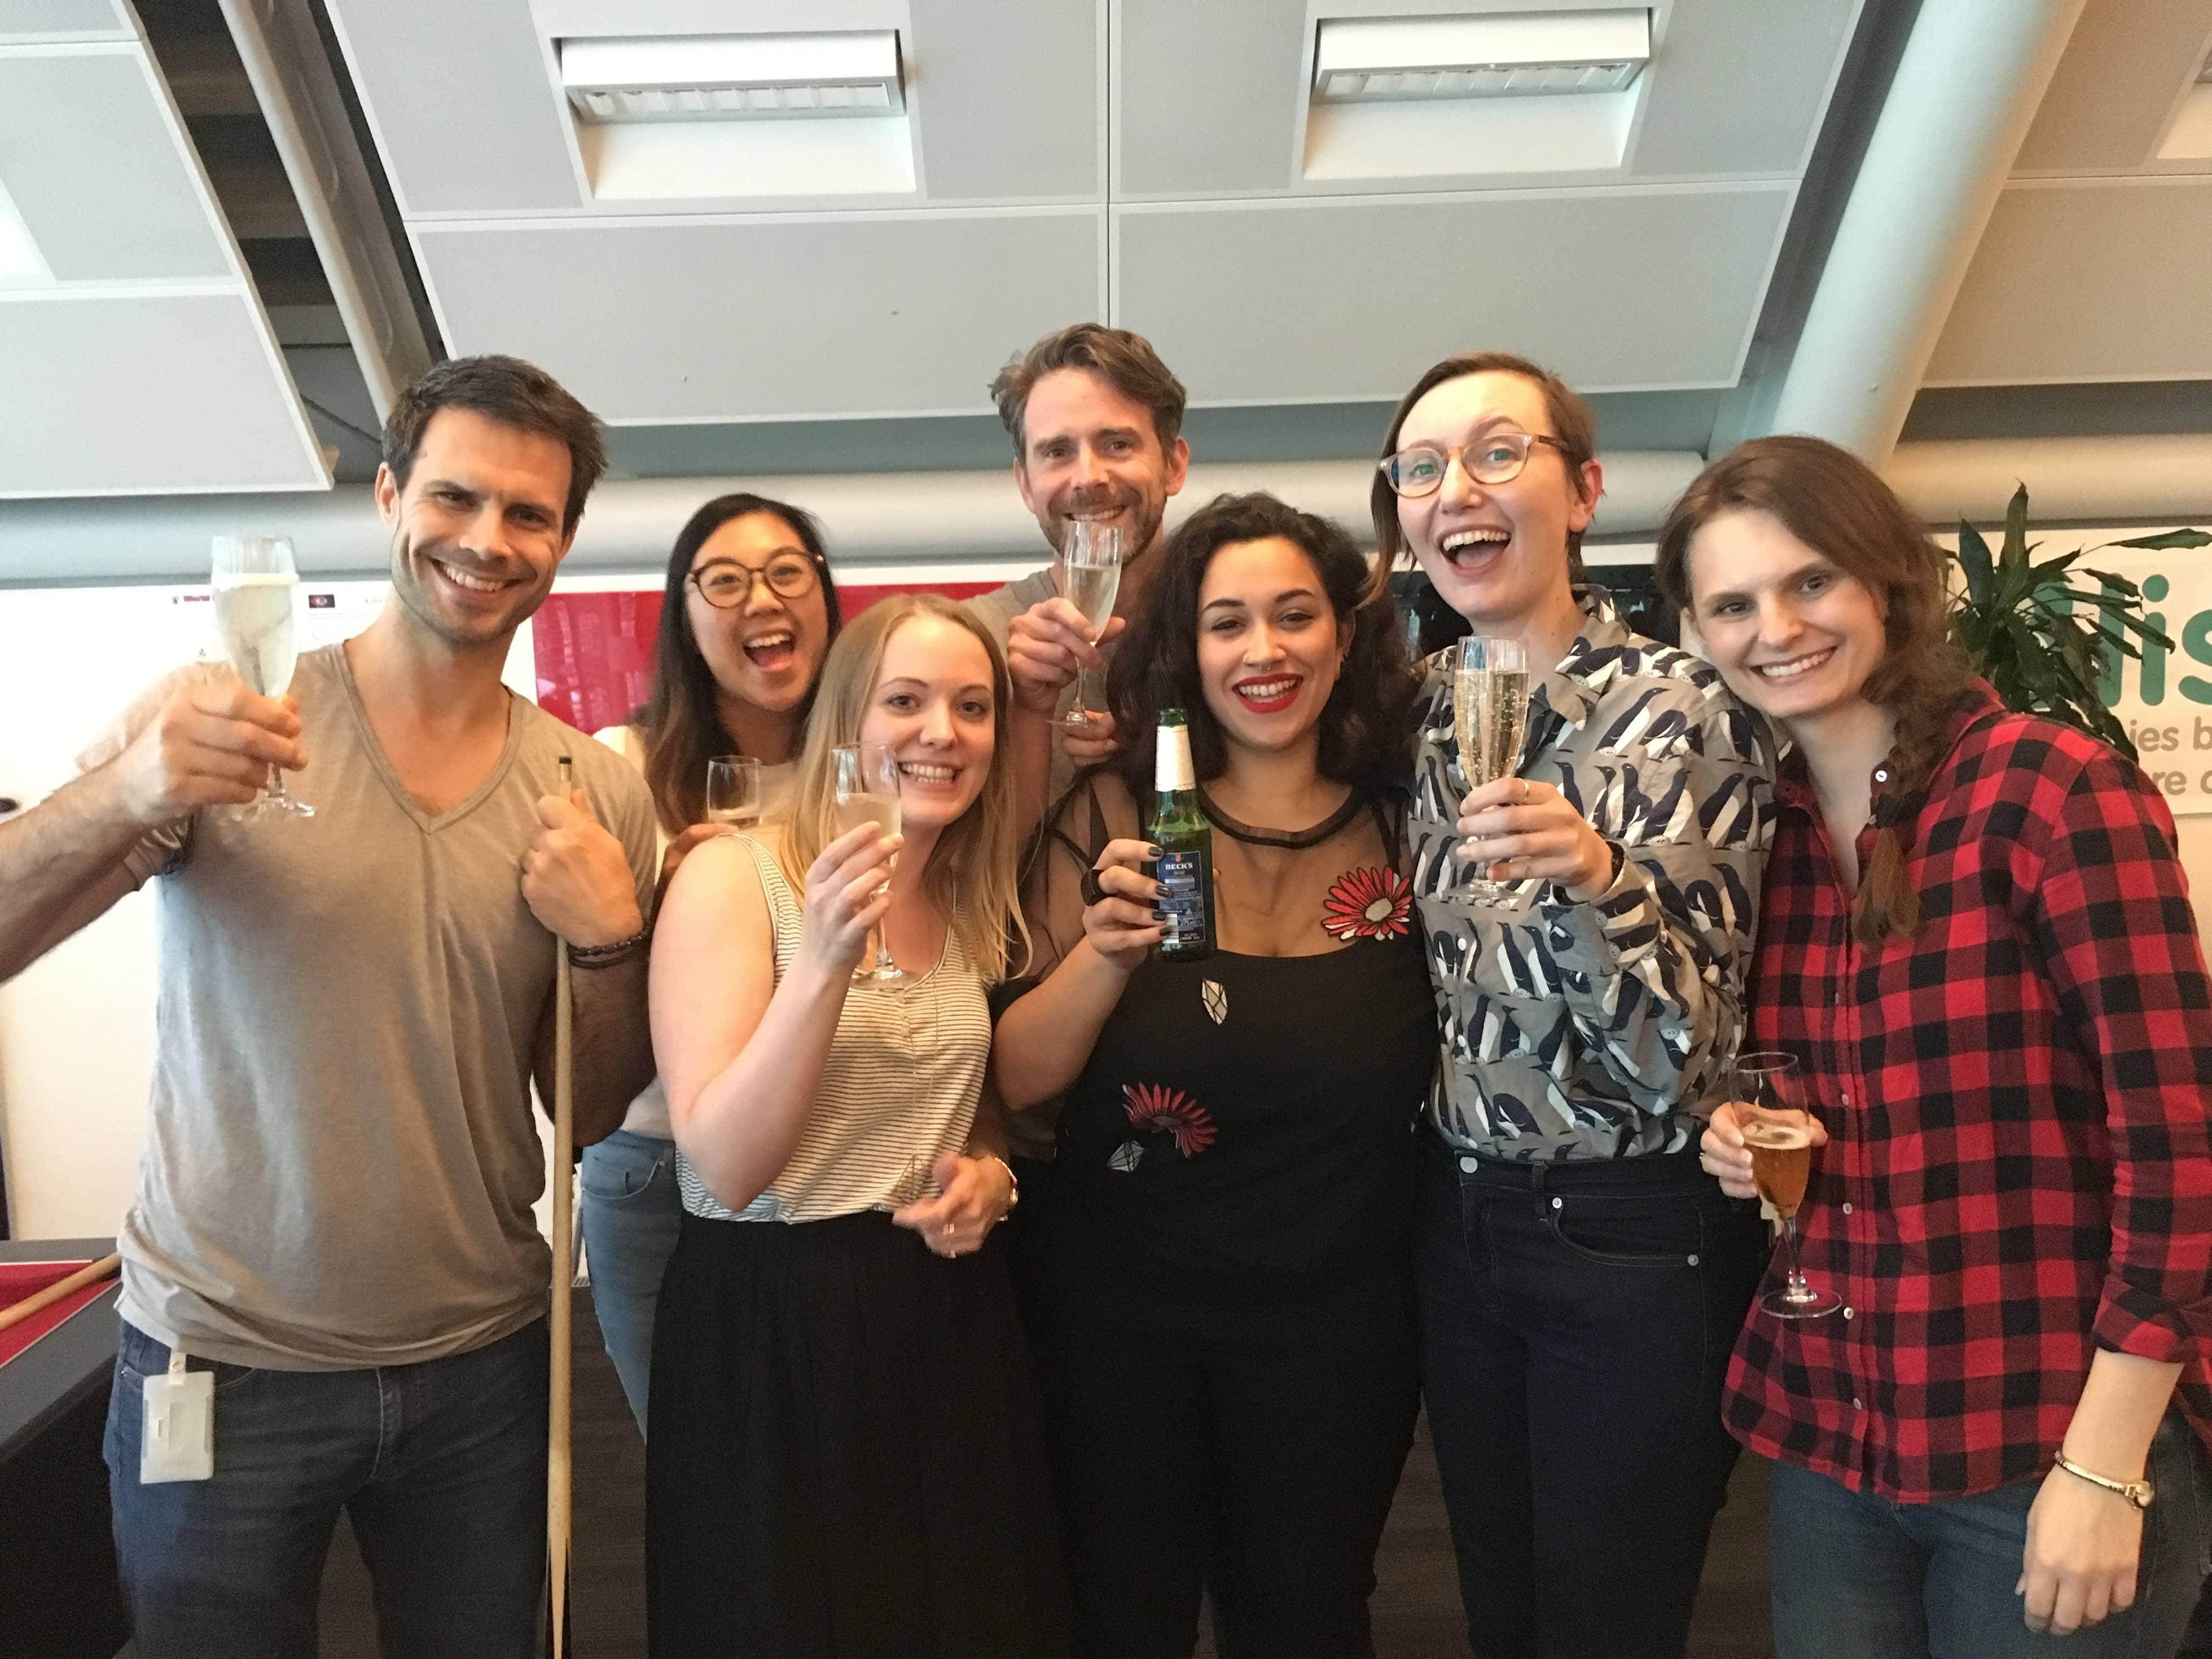 Trustnet的设计团队举起酒杯,微笑着庆祝他们的获奖。